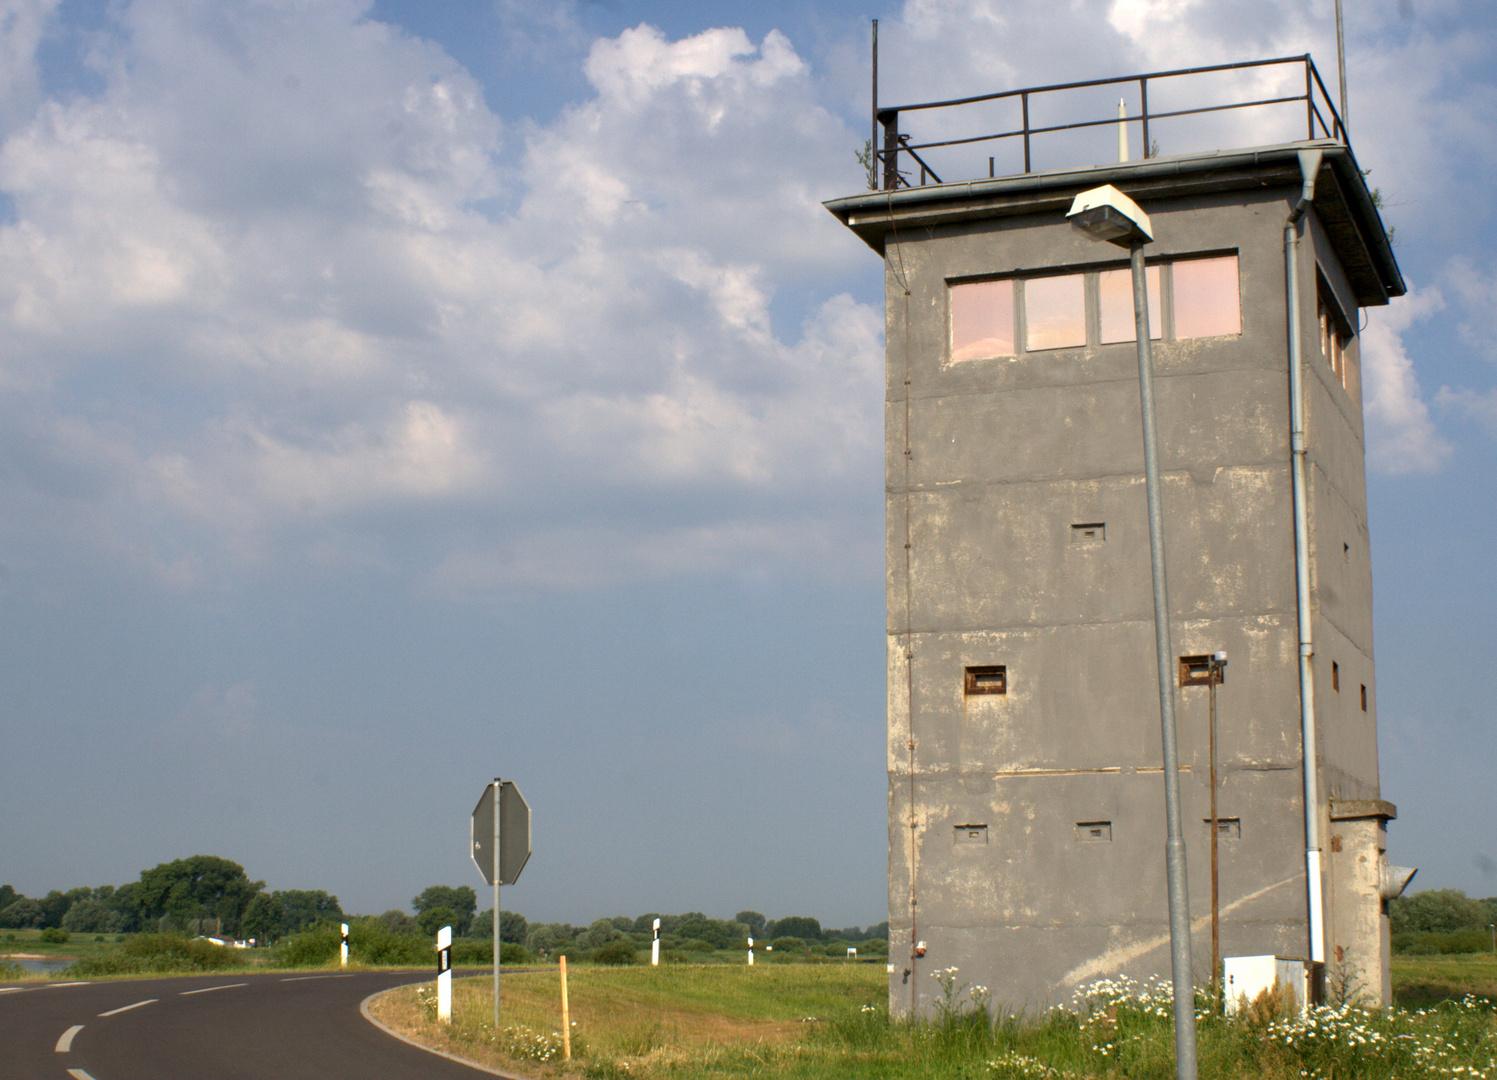 Grenzbeobachtungsturm bei Neu Bleckede an der Elbe